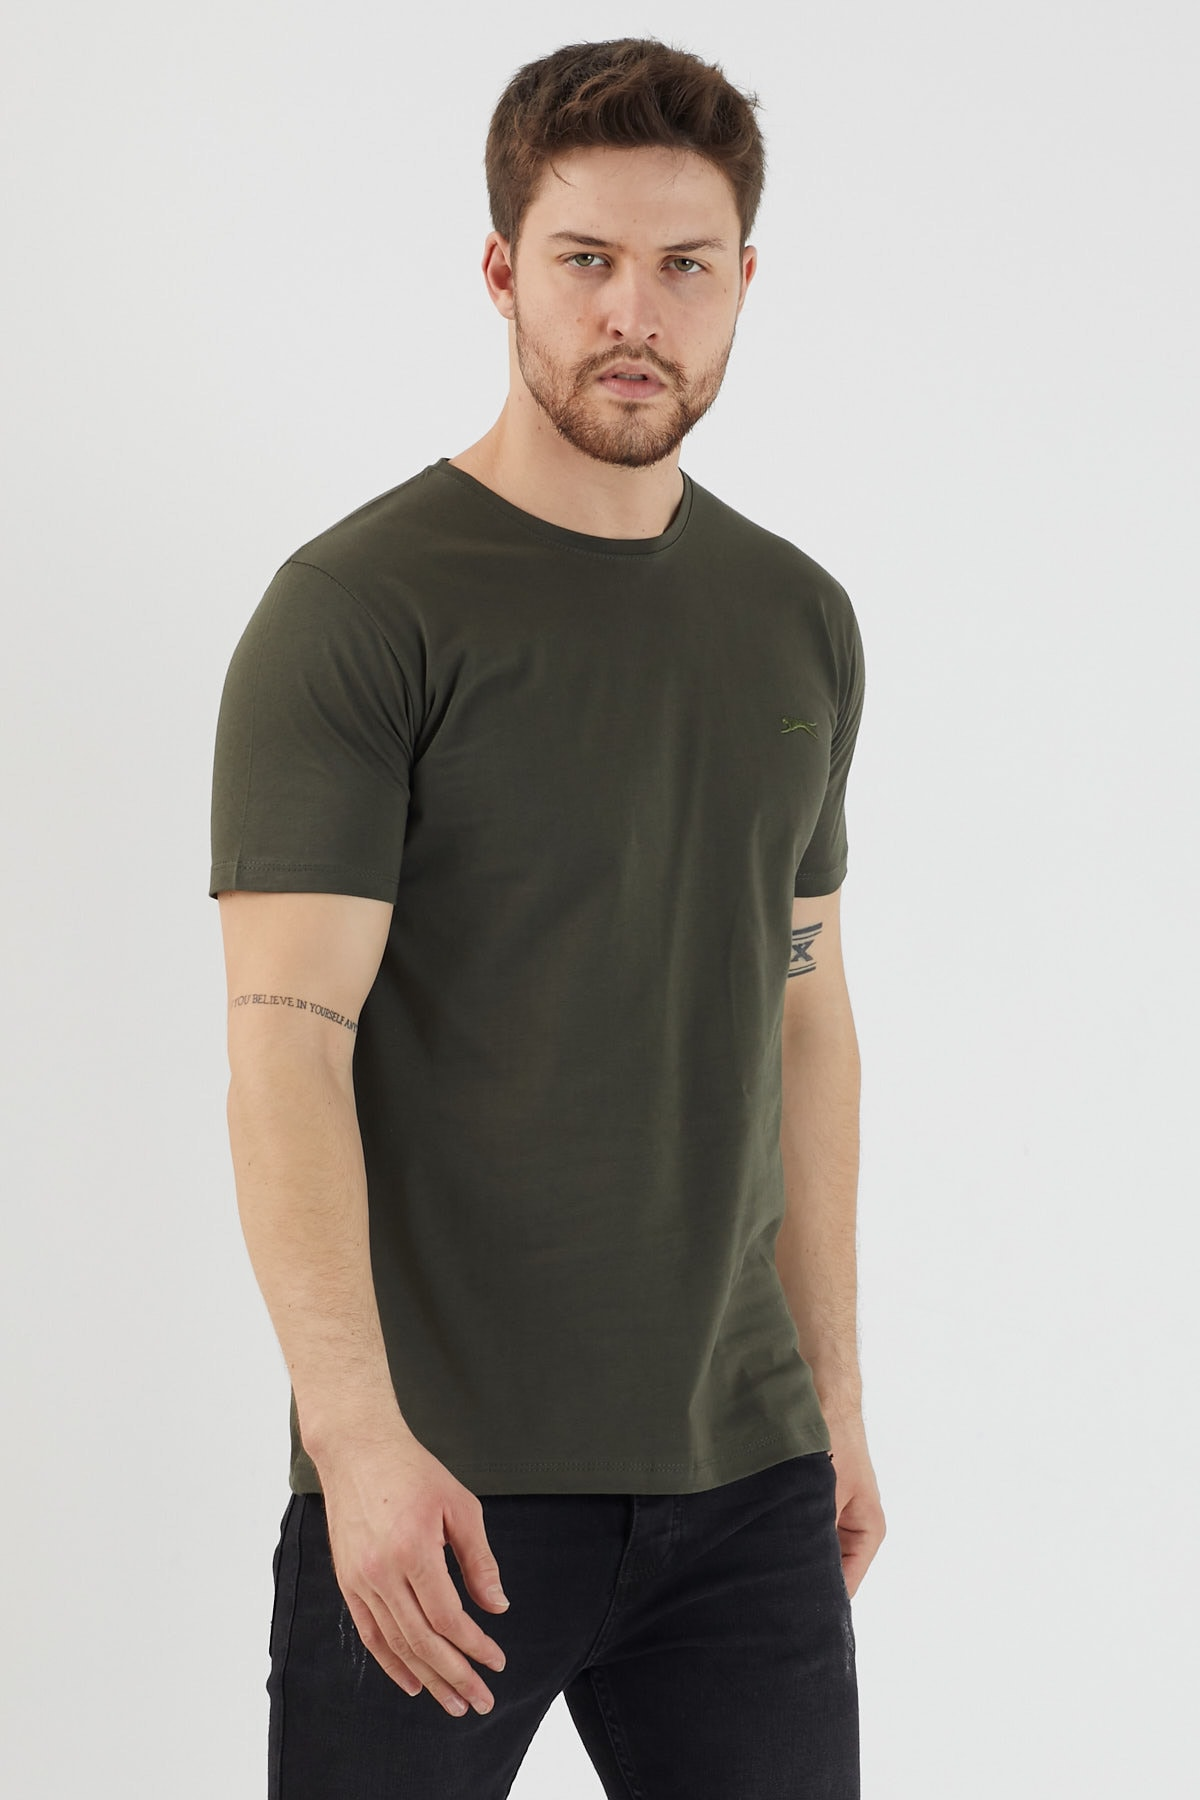 Slazenger SANDER Erkek T-Shirt Haki ST11TE083 1